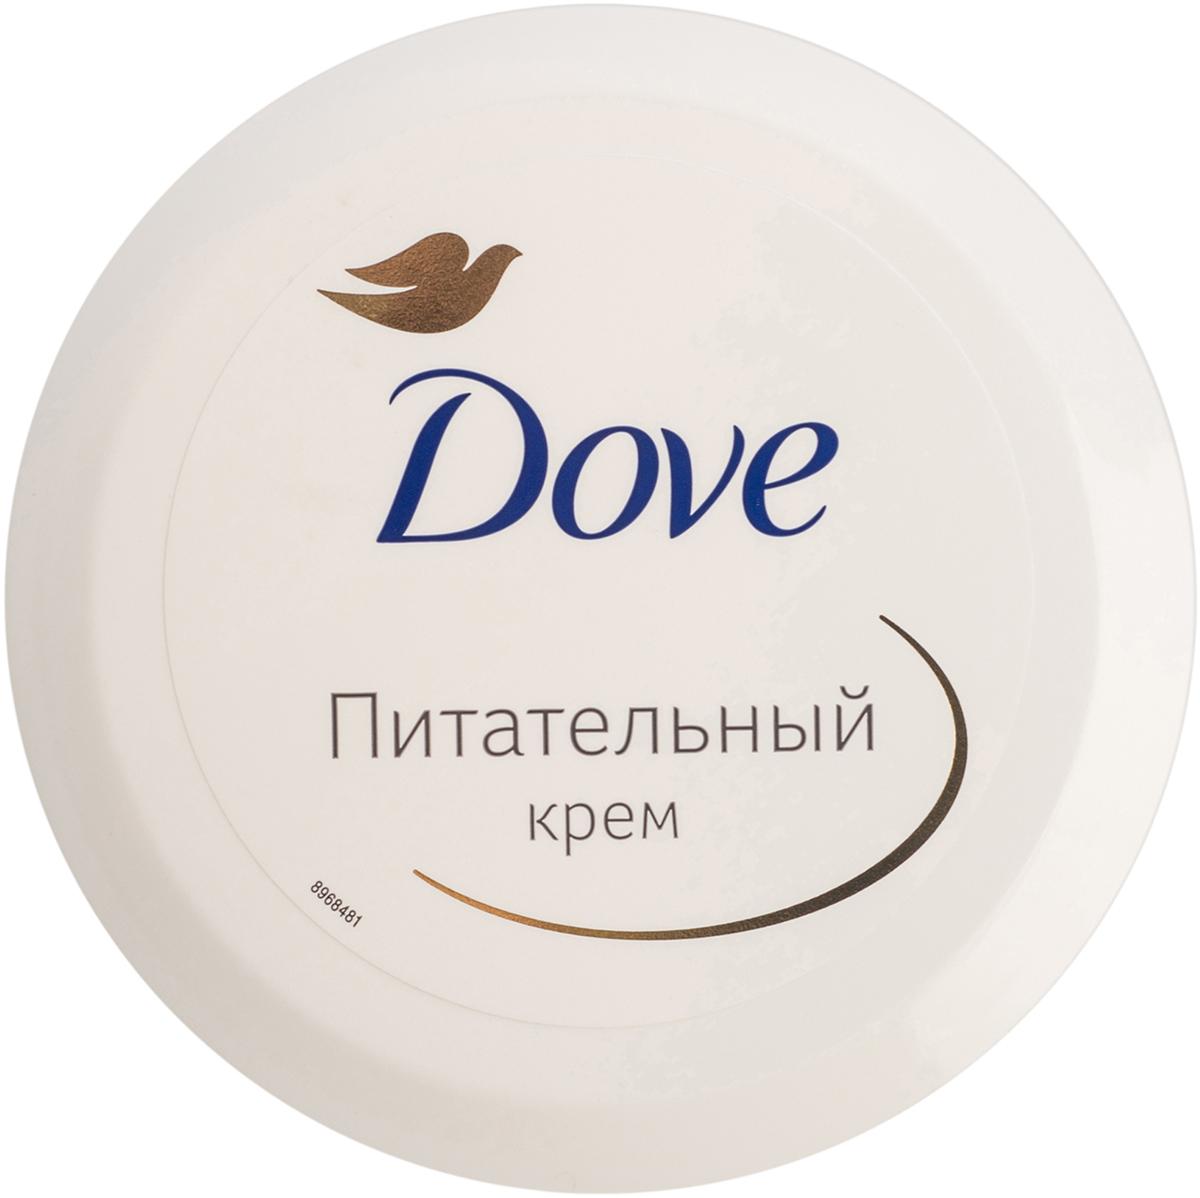 Dove Крем Питательный 150 мл65414357Крем Dove Питательный содержит активные увлажняющие компоненты и питательные вещества, которые обеспечивают универсальный интенсивный уход коже всего тела. Крем Dove делает кожу действительно мягкой и ухоженной.